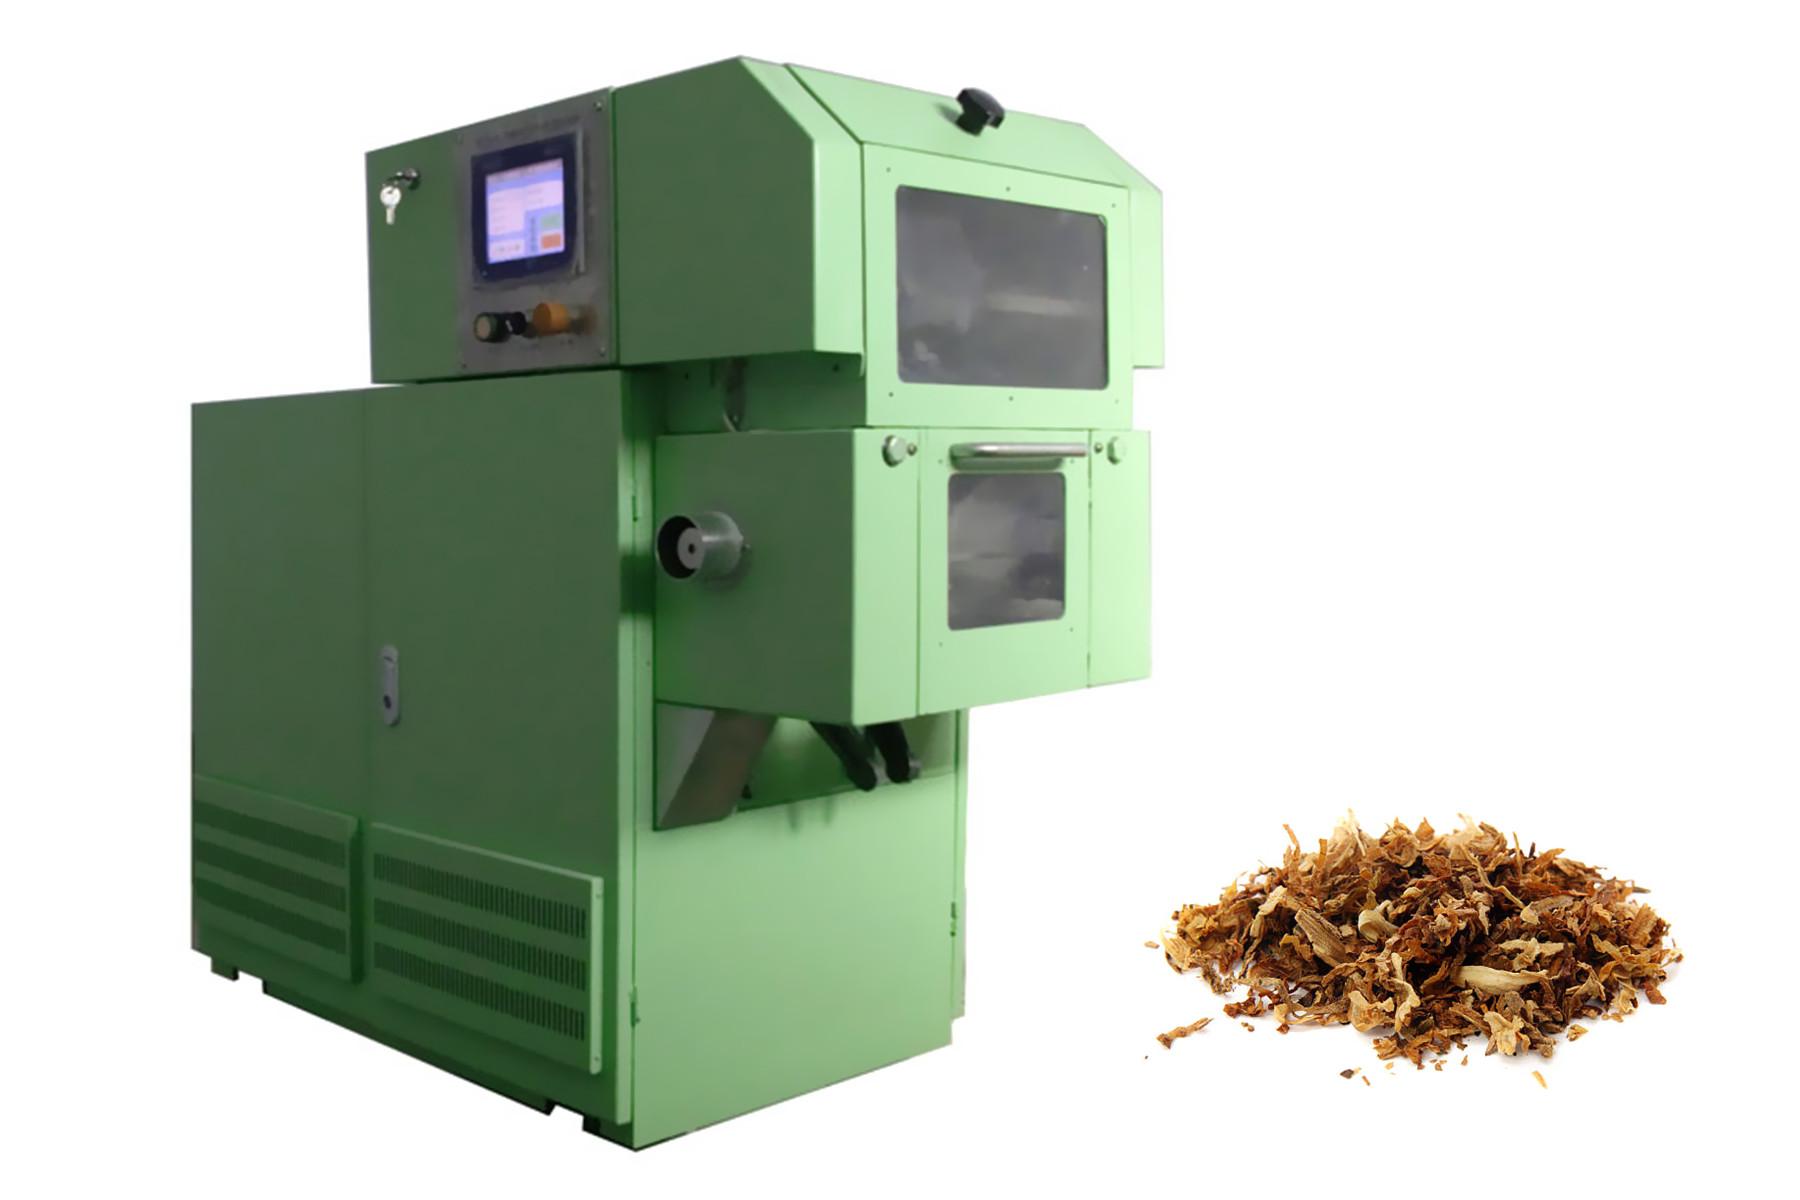 Машины табачные изделия где можно купить электронные сигареты в санкт петербурге